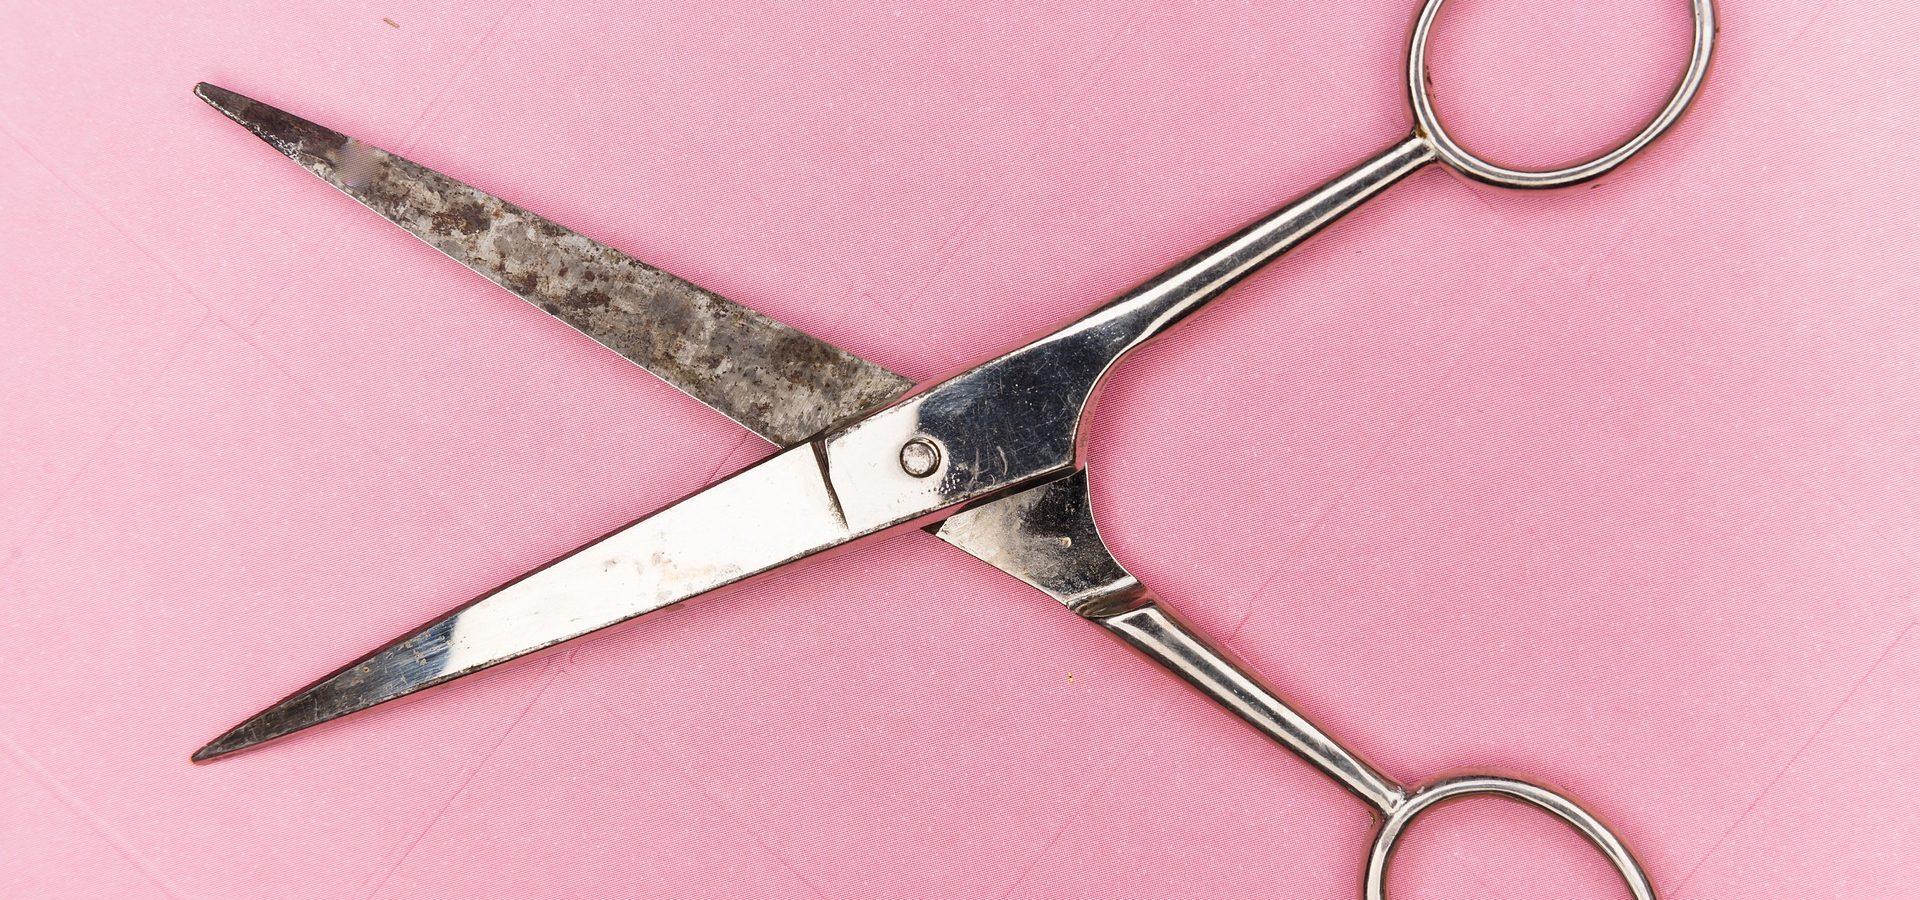 nożyczki na różowym ttle